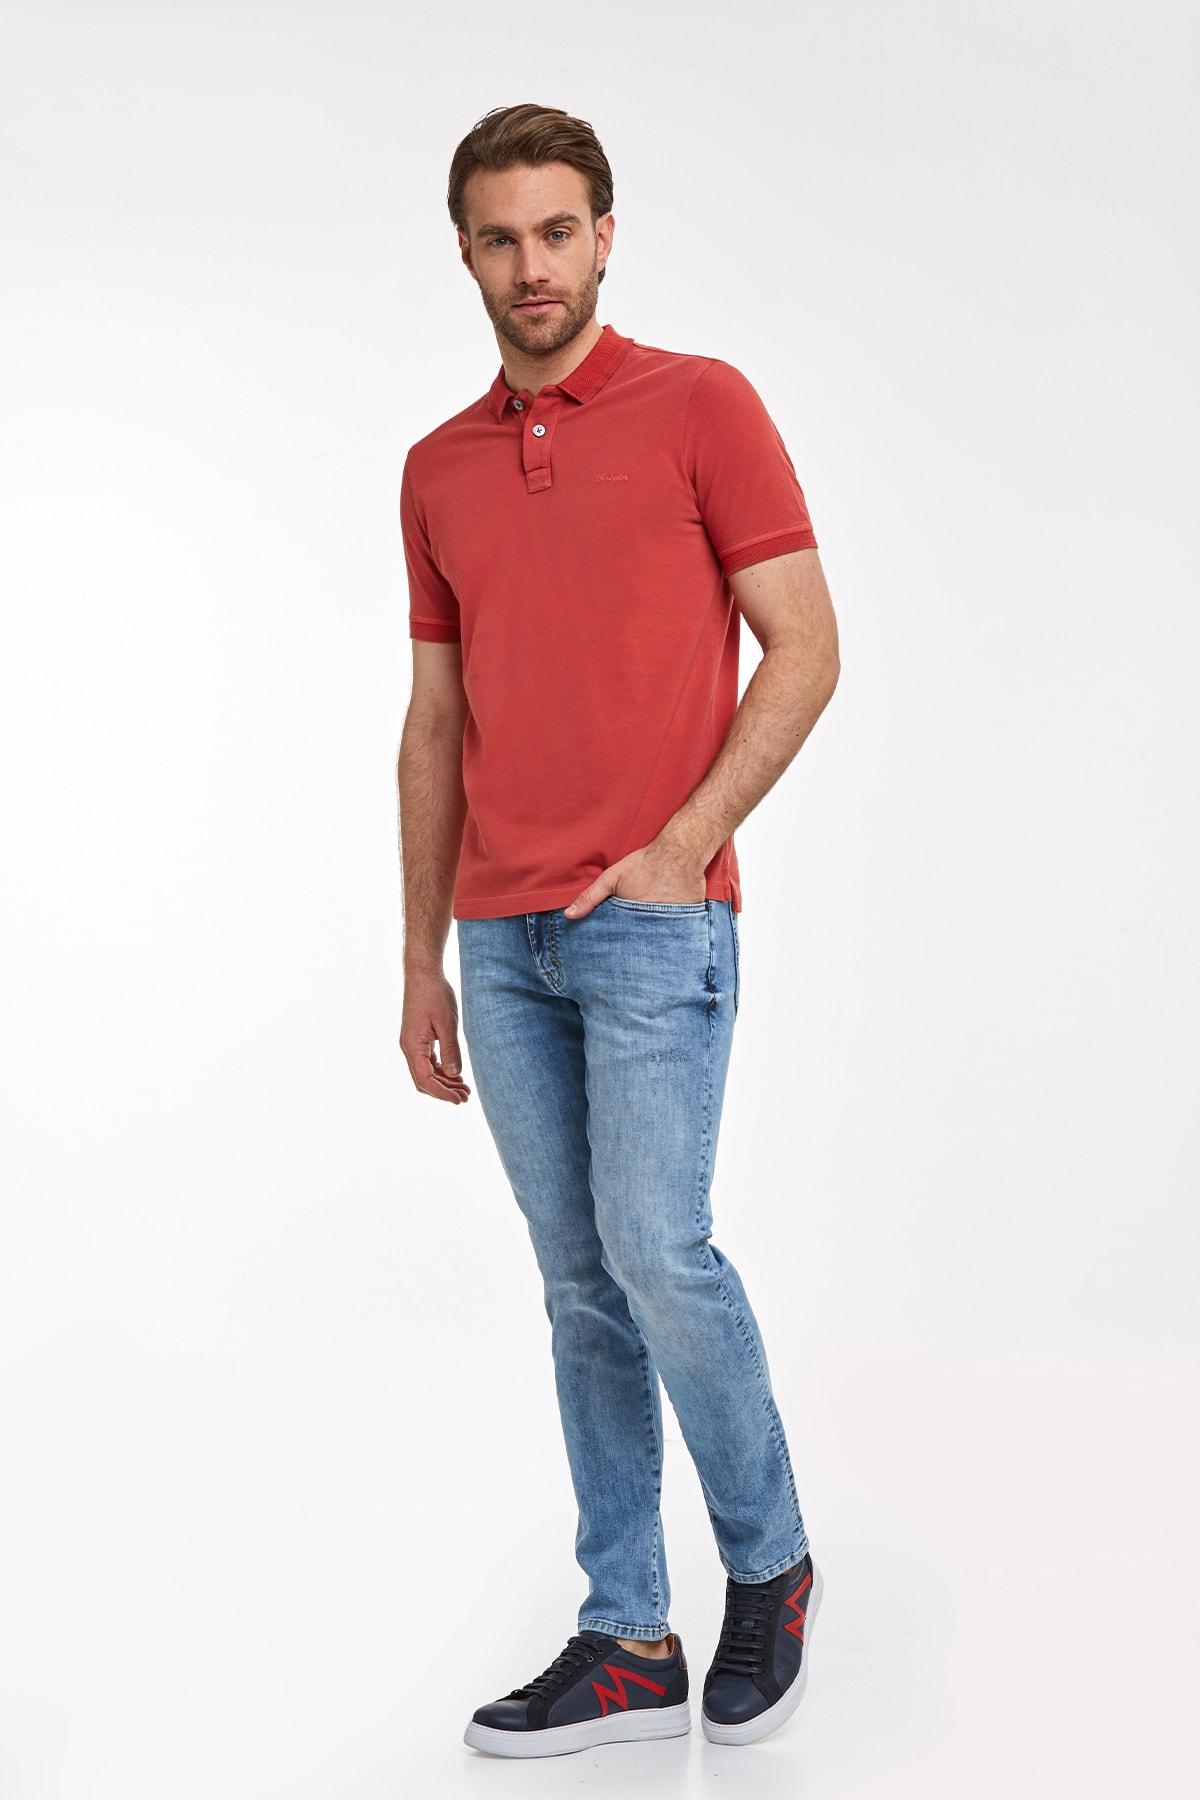 Hemington Erkek Vintage Görünümlü Kırmızı Polo Yaka T-shirt 2